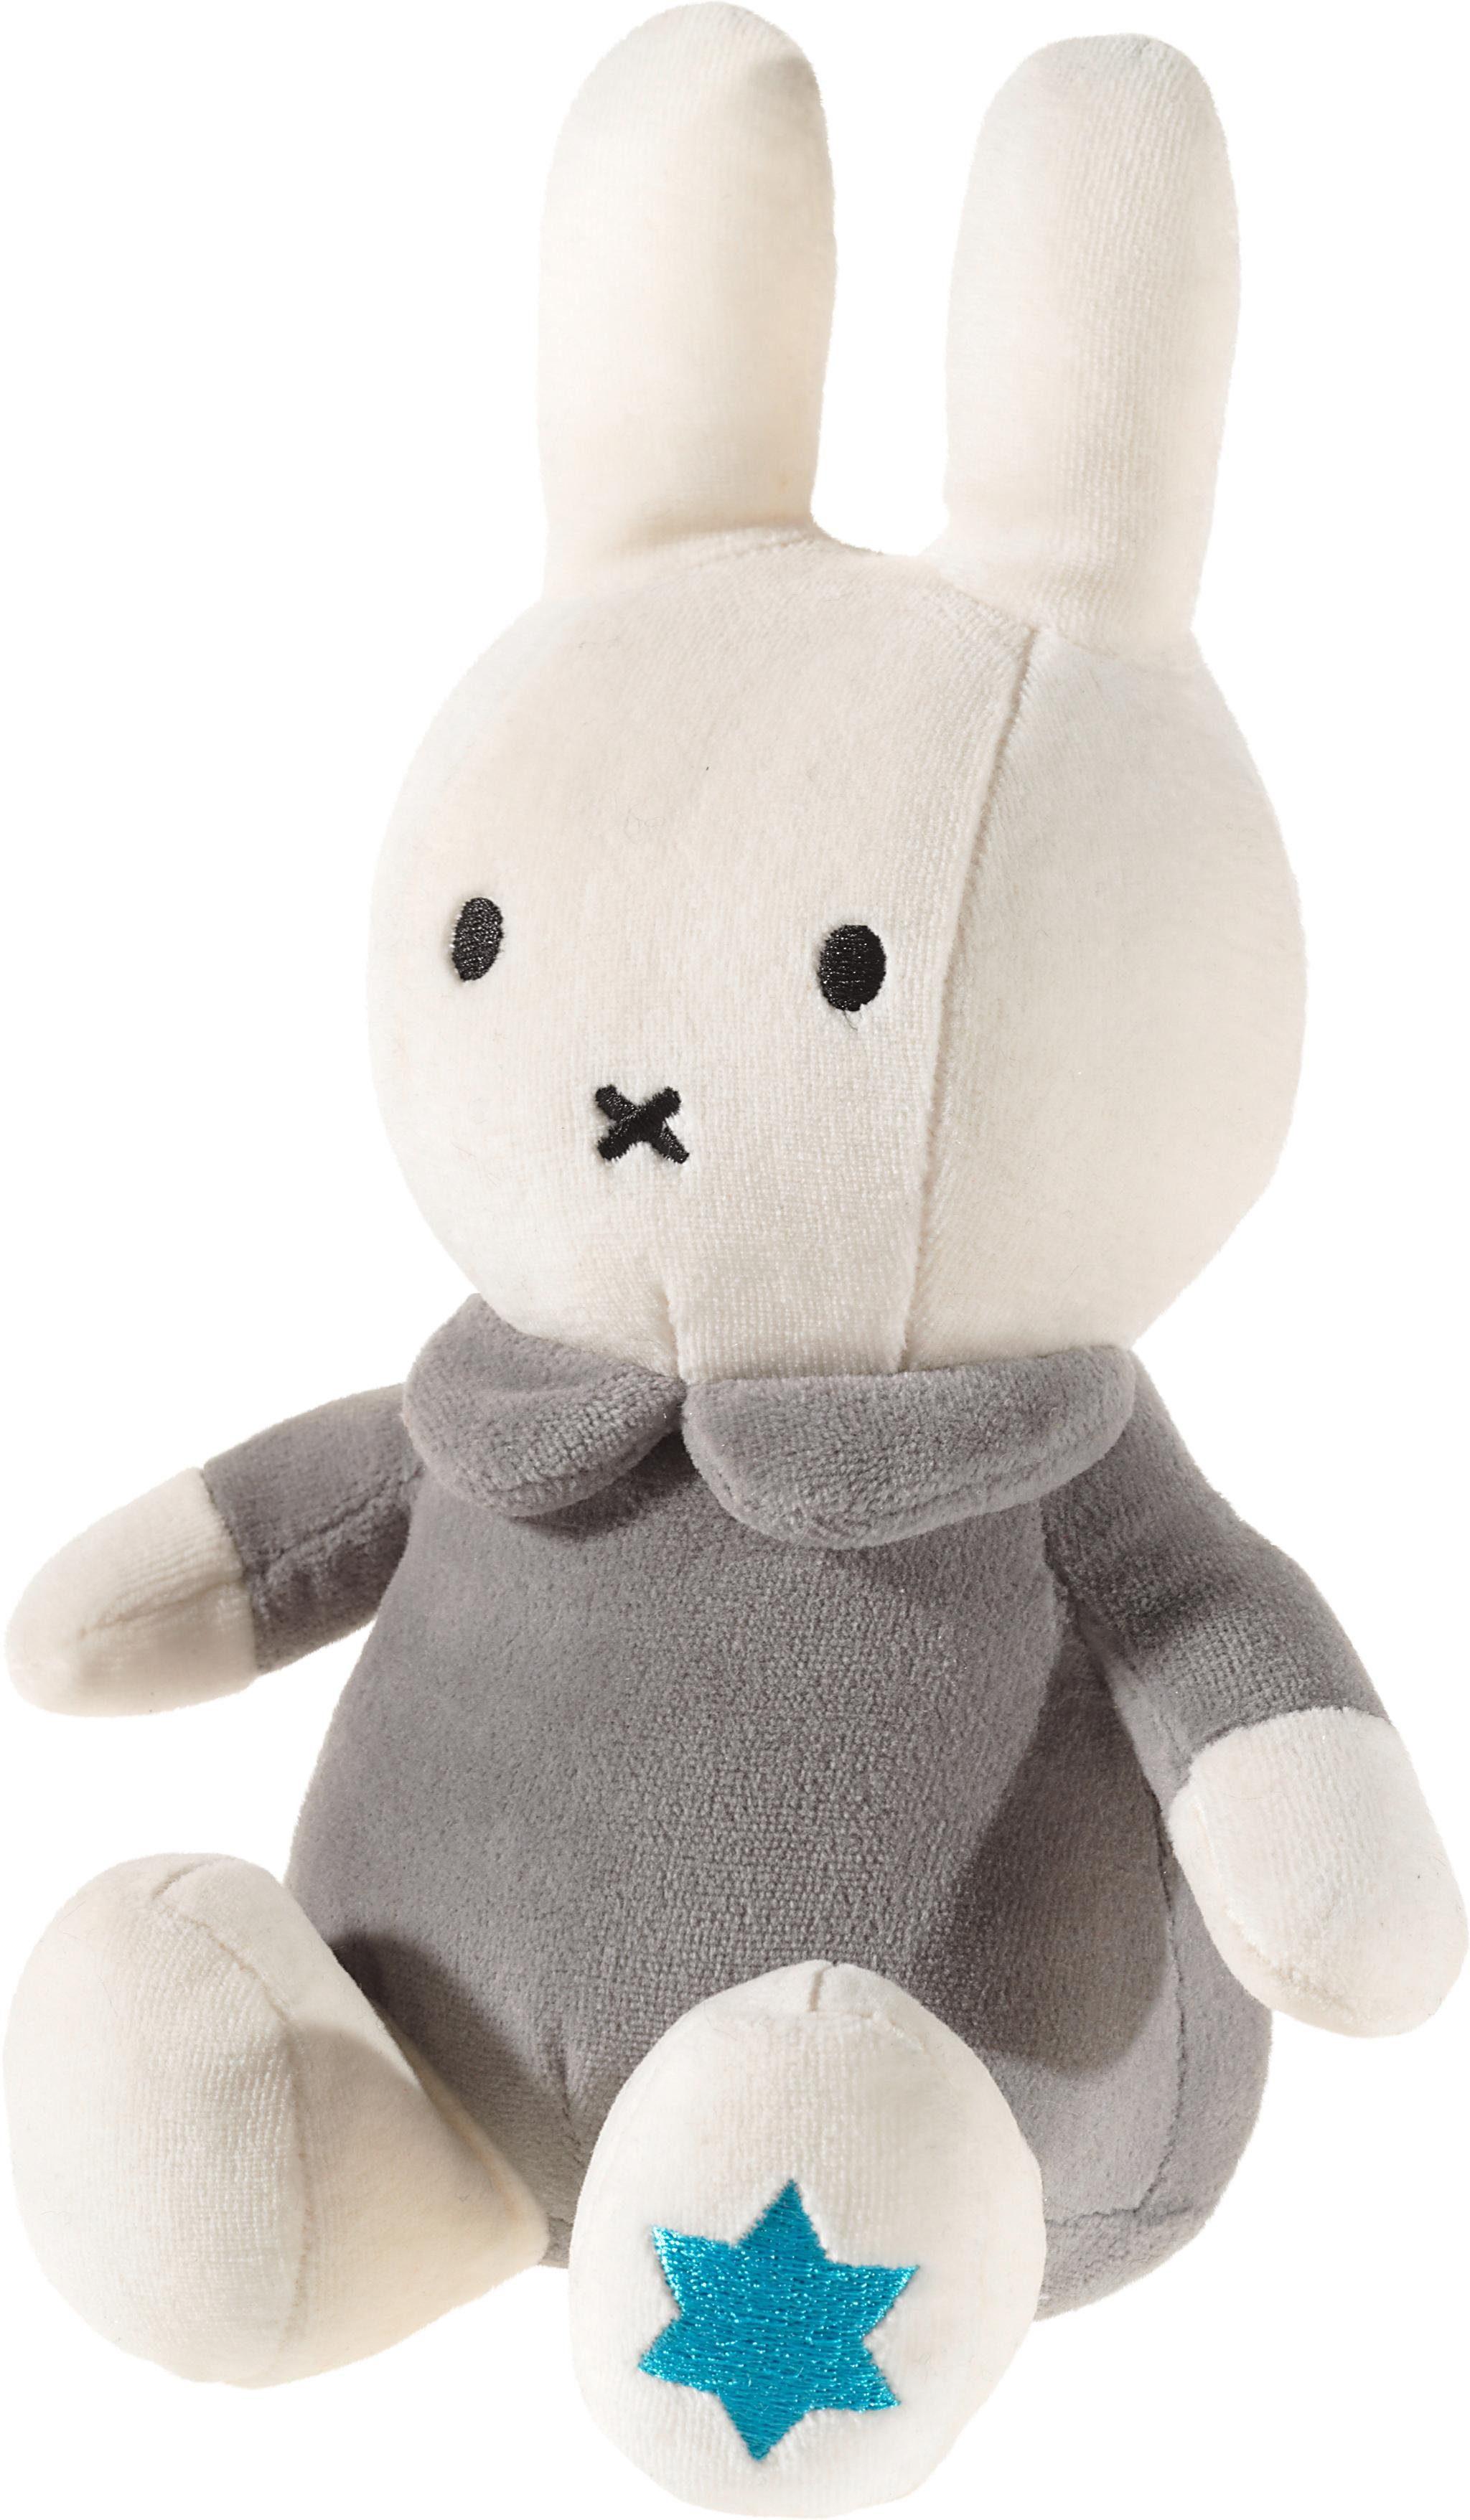 Heunec Plüschfigur, »Miffy Gots, Baby groß, 25 cm «